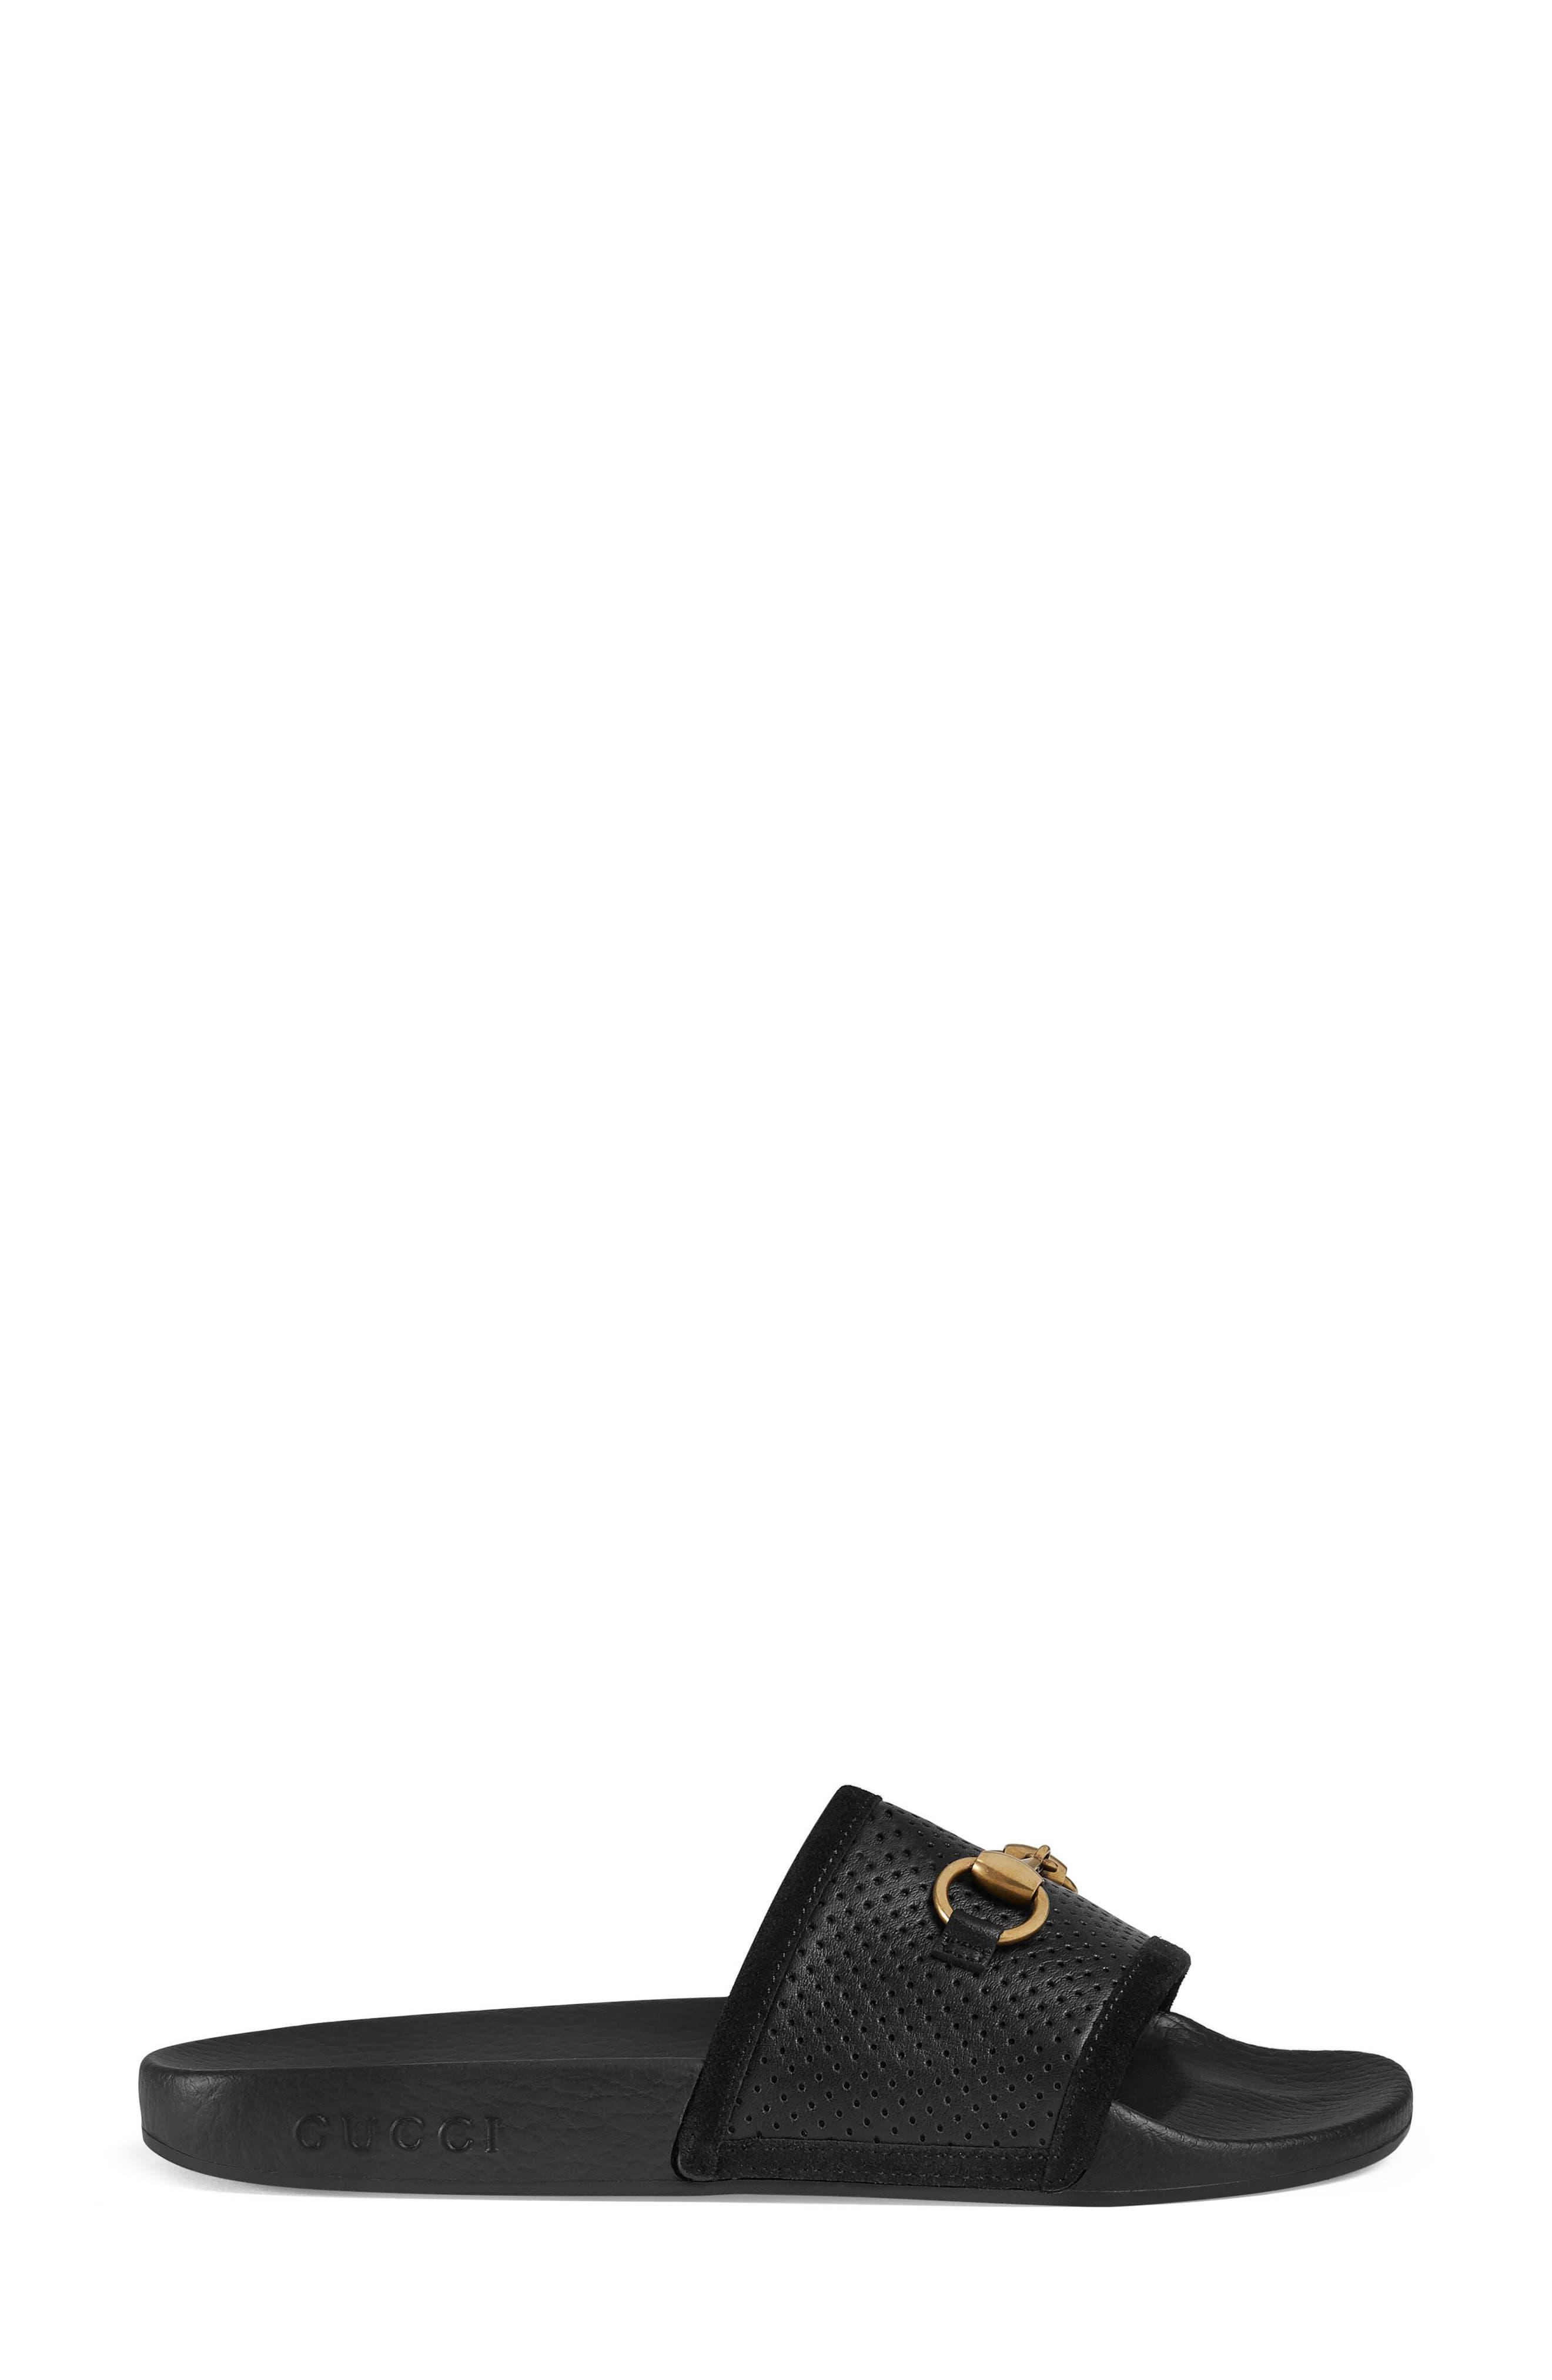 GUCCI, Pursuit Horsebit Slide Sandal, Alternate thumbnail 2, color, 001